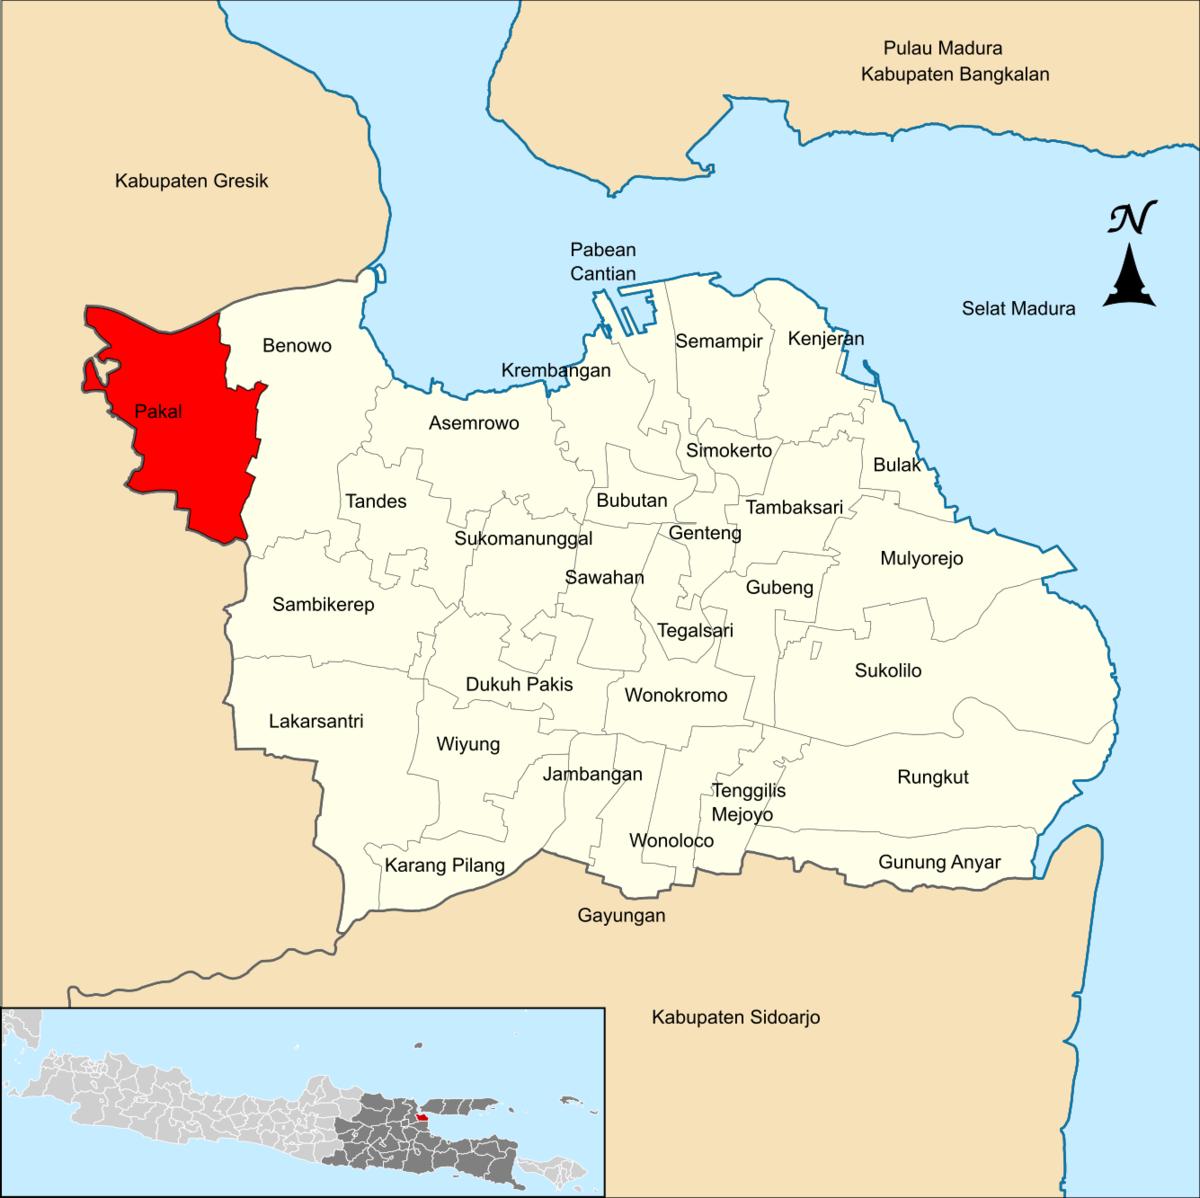 Kabupaten Kel Babat Jerawat Kec Pakal Jawa Timur